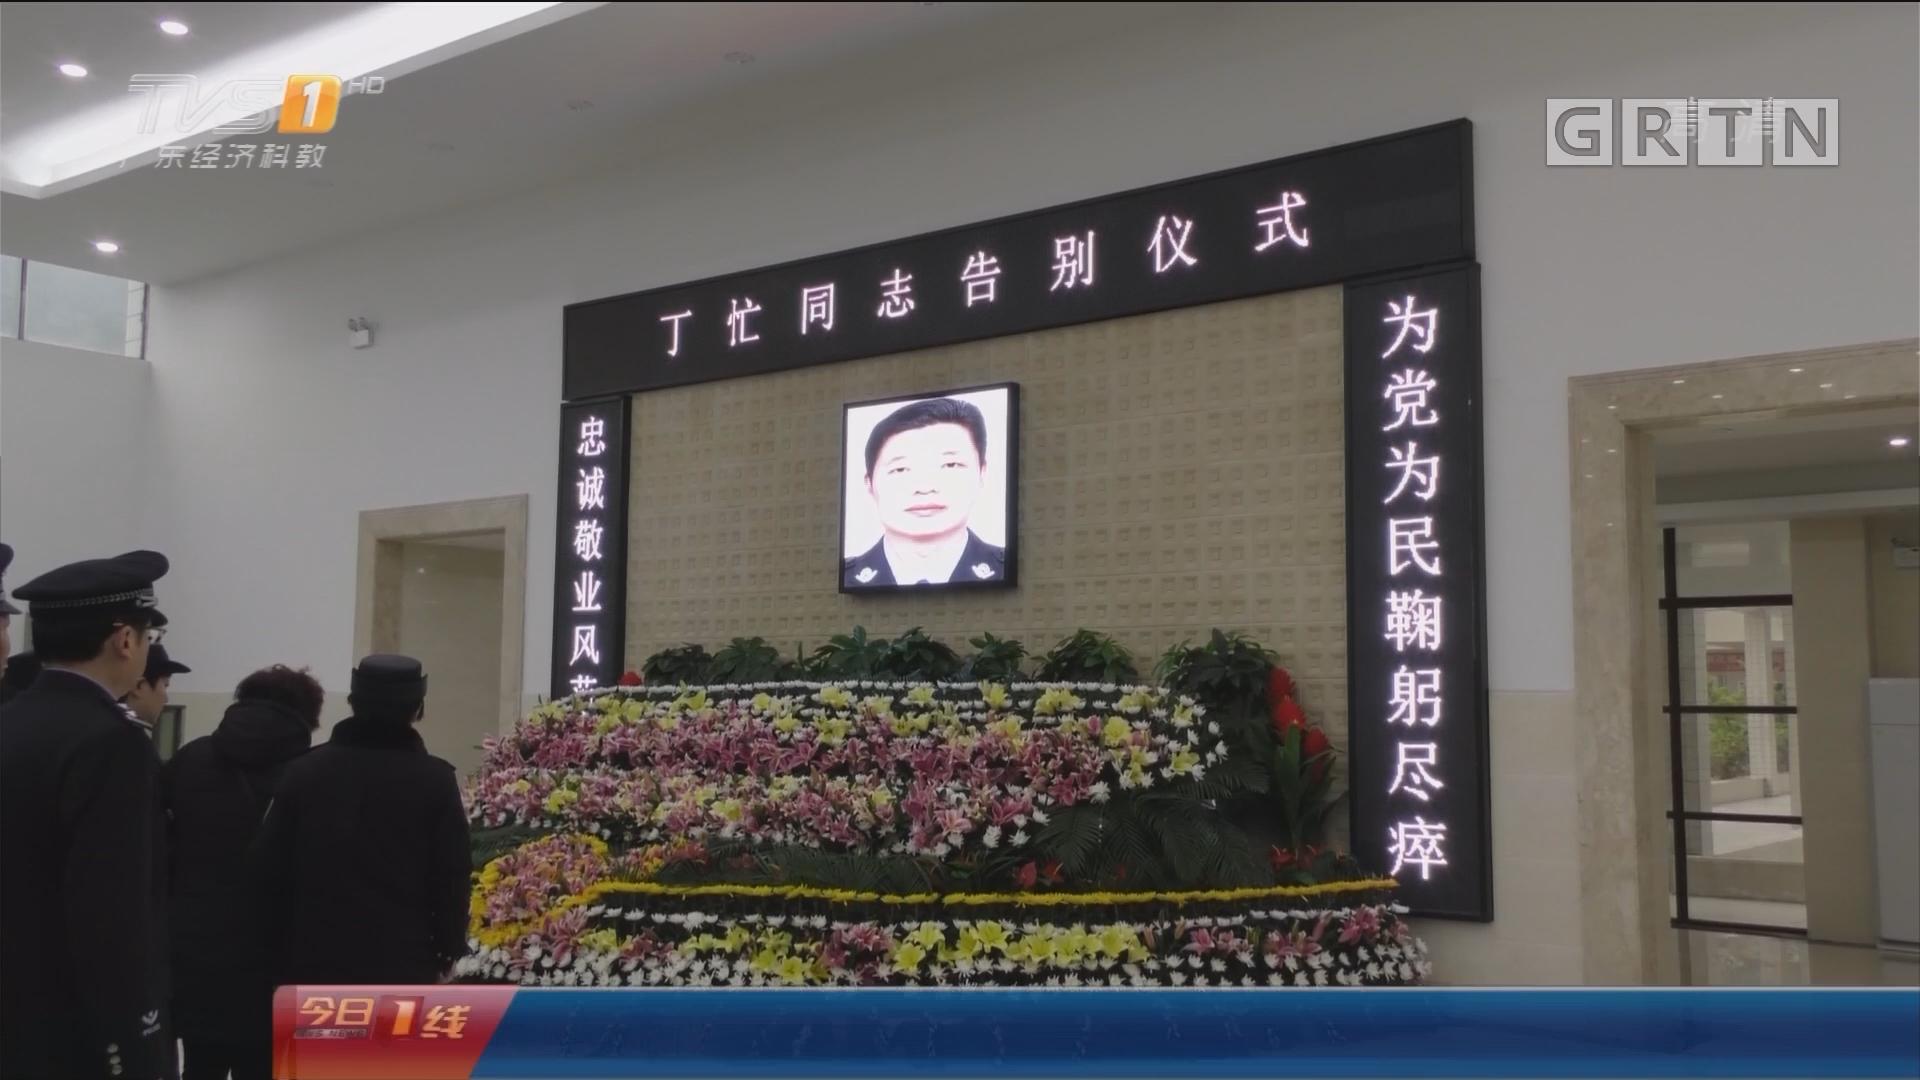 惠州惠城:办案突发疾病 42岁民警殉职工作岗位